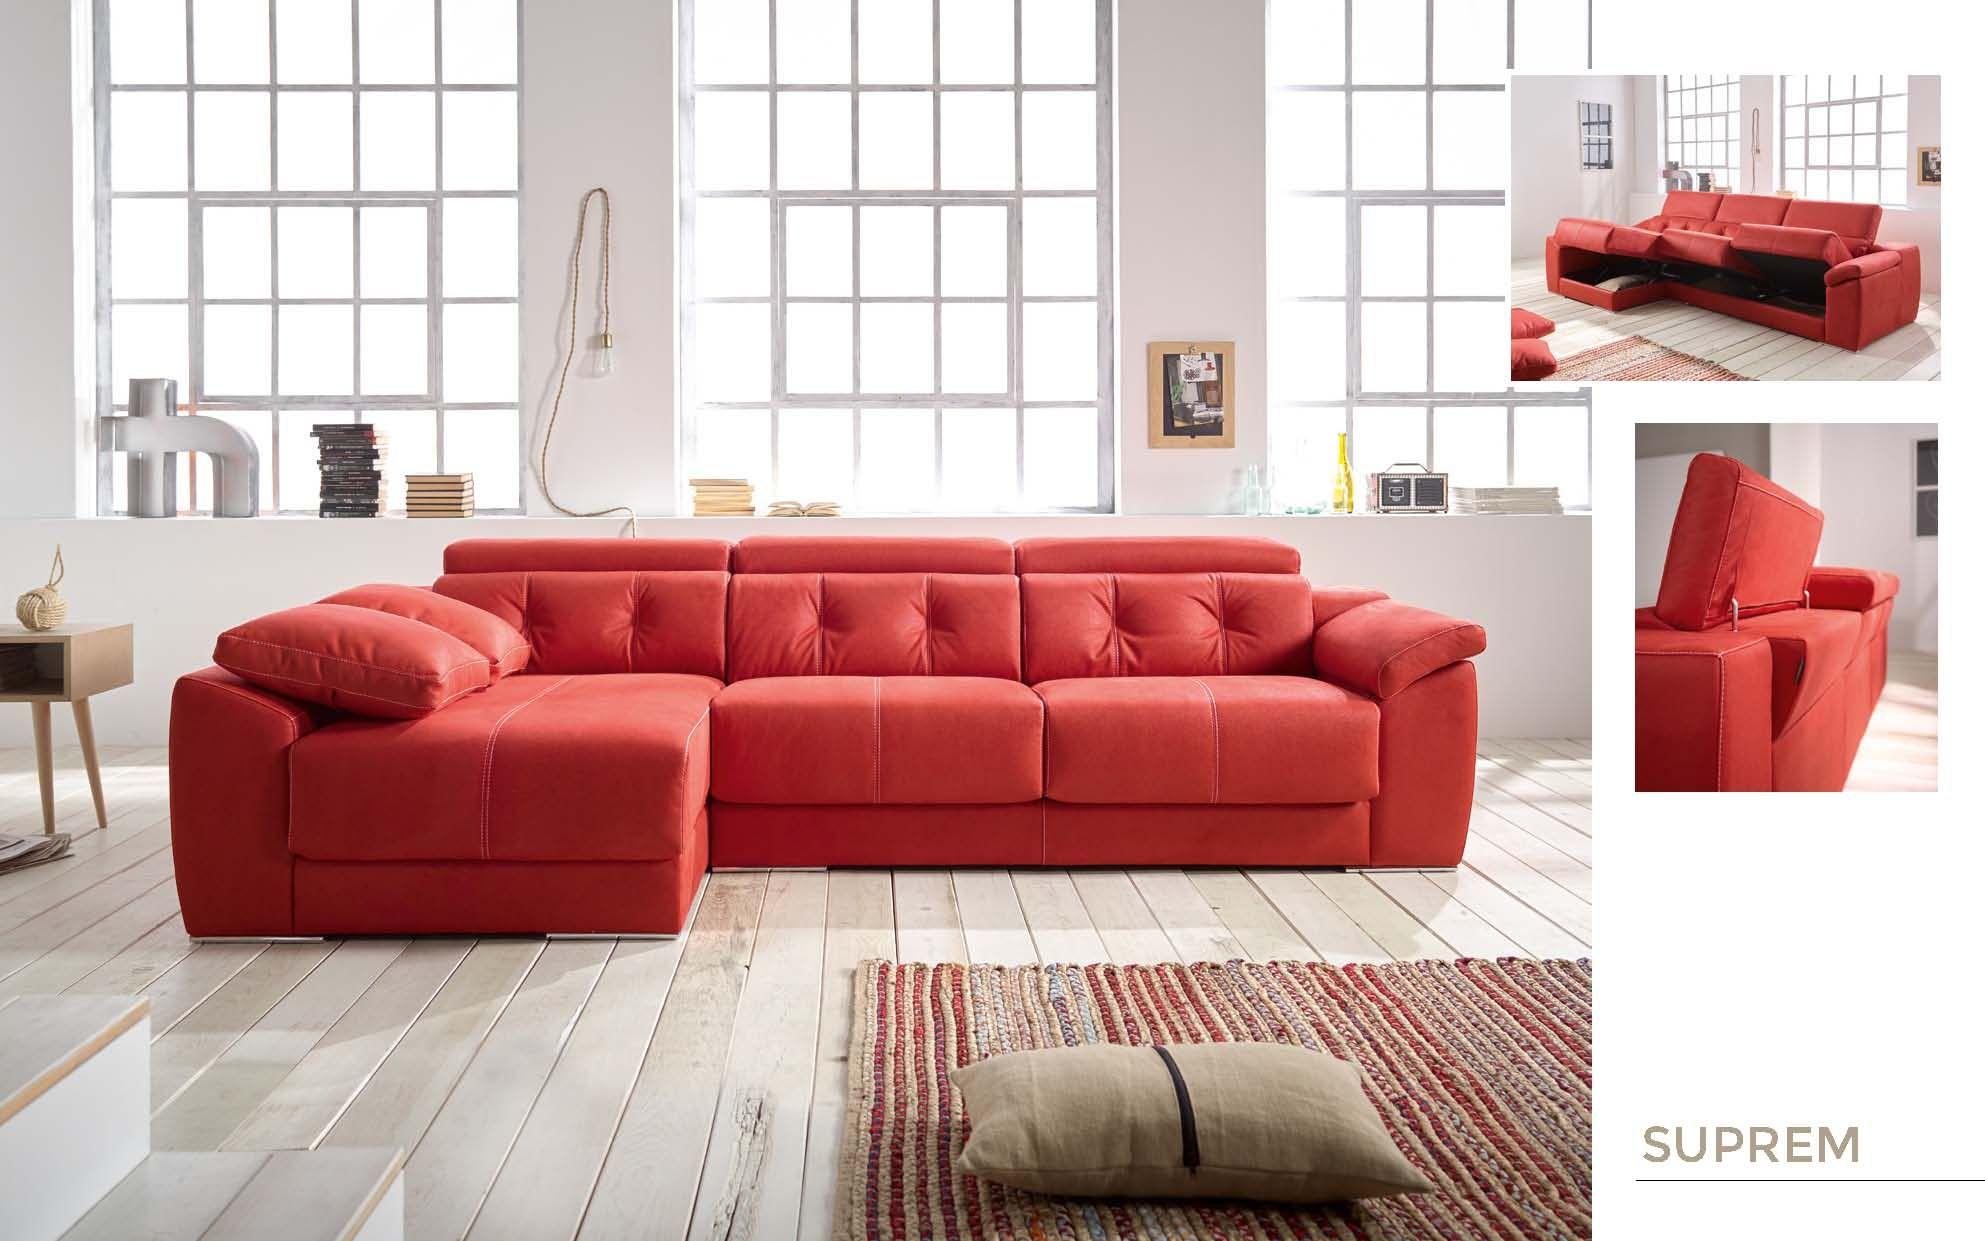 Sof con chaise longue suprem de la marca acomodel en for Marcas de sofas buenos